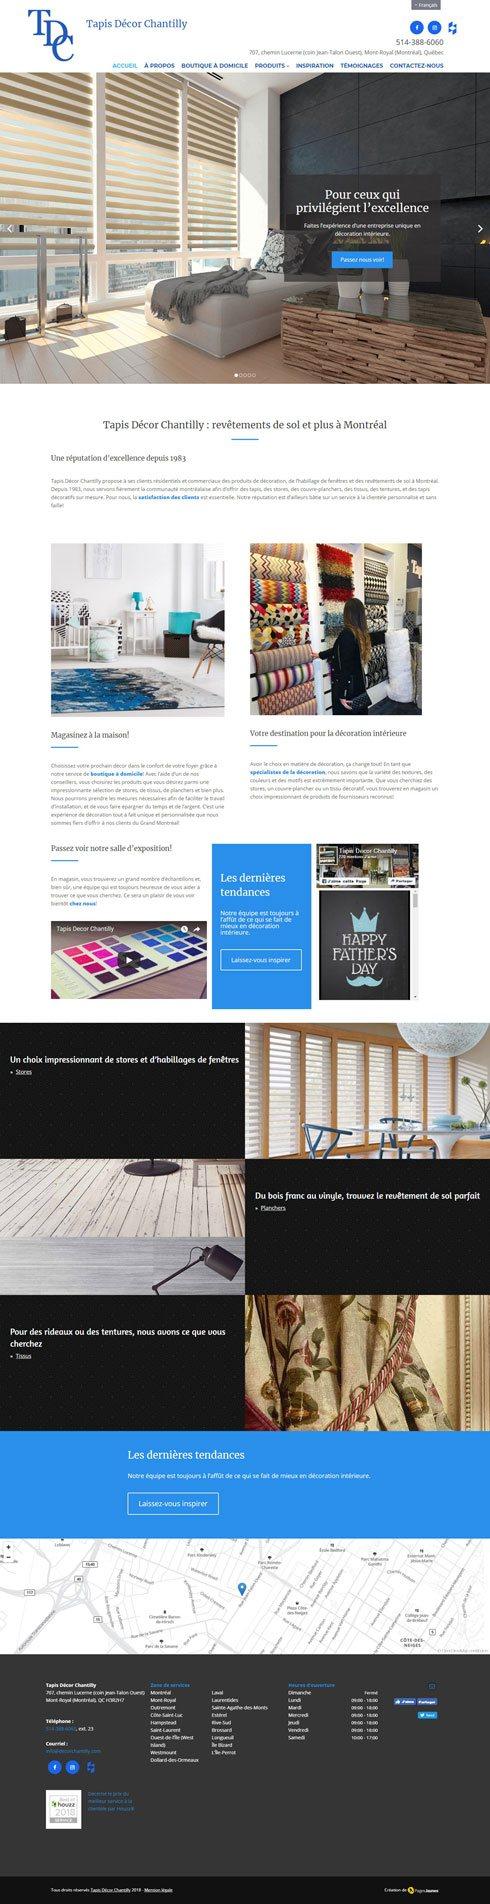 Tapis Decor Chantilly Canada Web Design